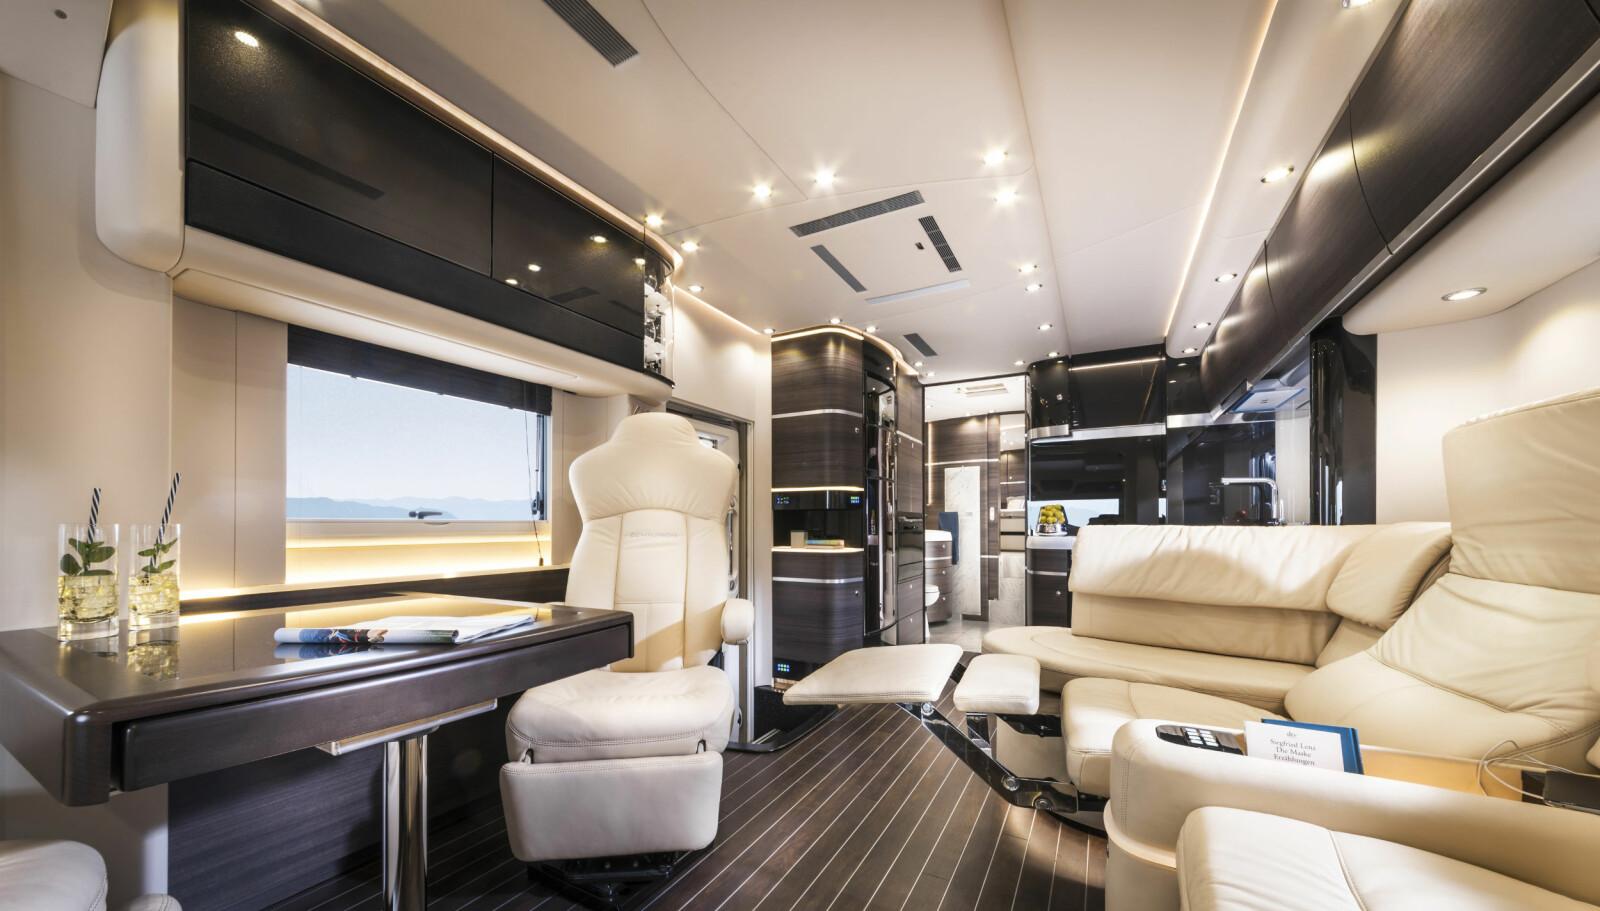 Interiøret i Centurion er gedigent og luftig, og gir inntrykk av luksus og ekstrem komfort.